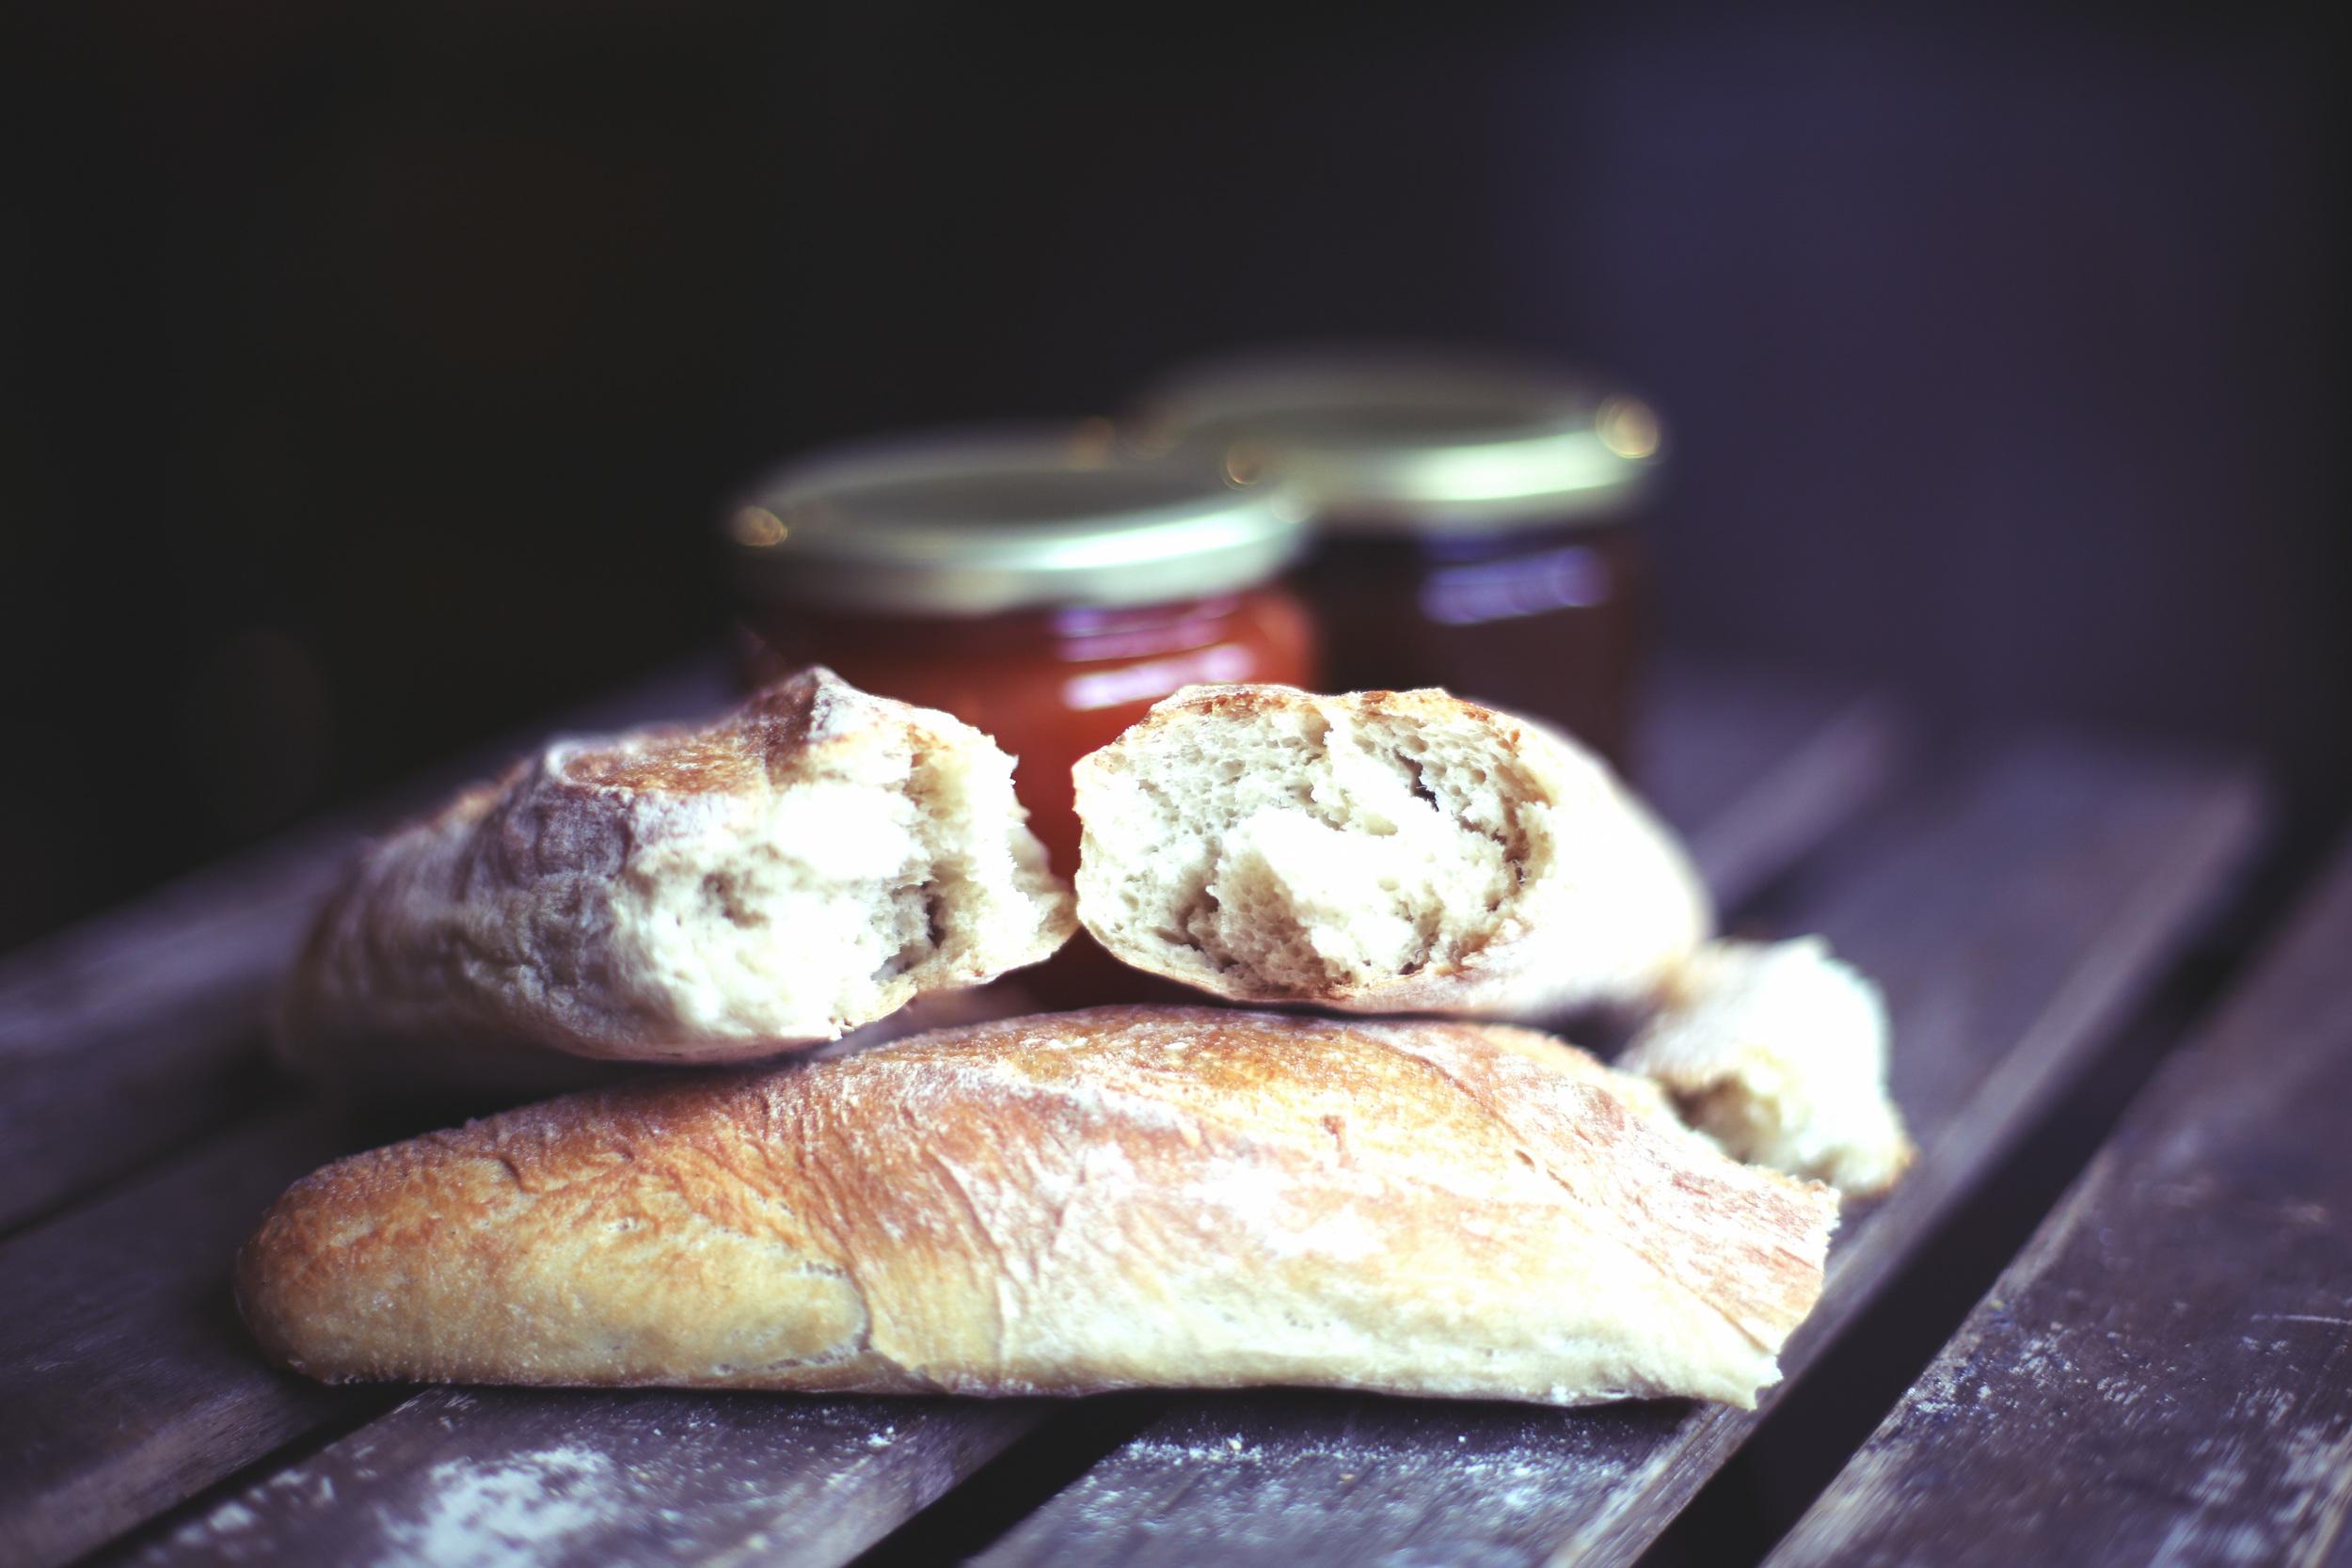 Freshly Baked Artisanal Breads